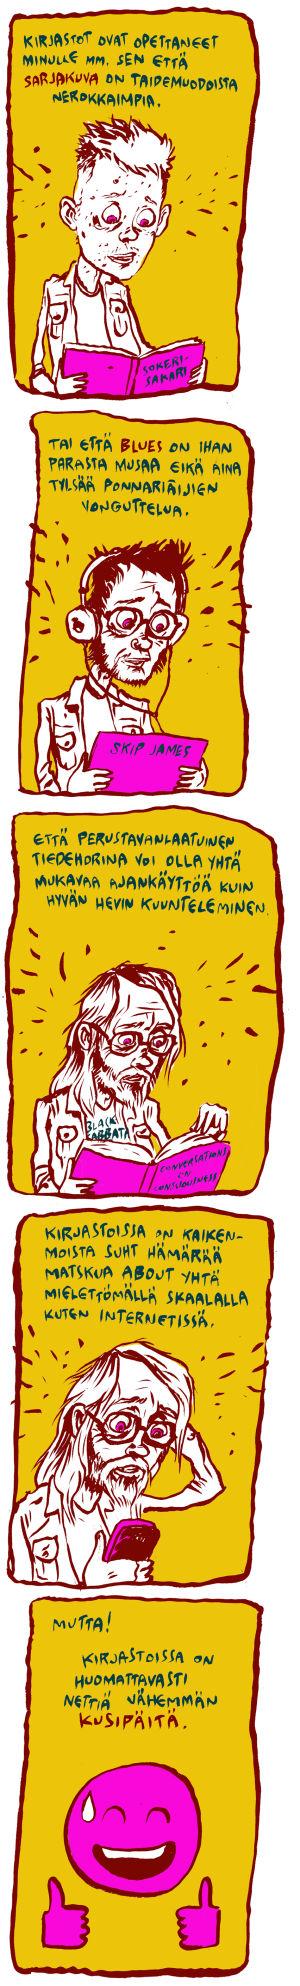 Ville Pirisen sarjakuva kirjastosta.